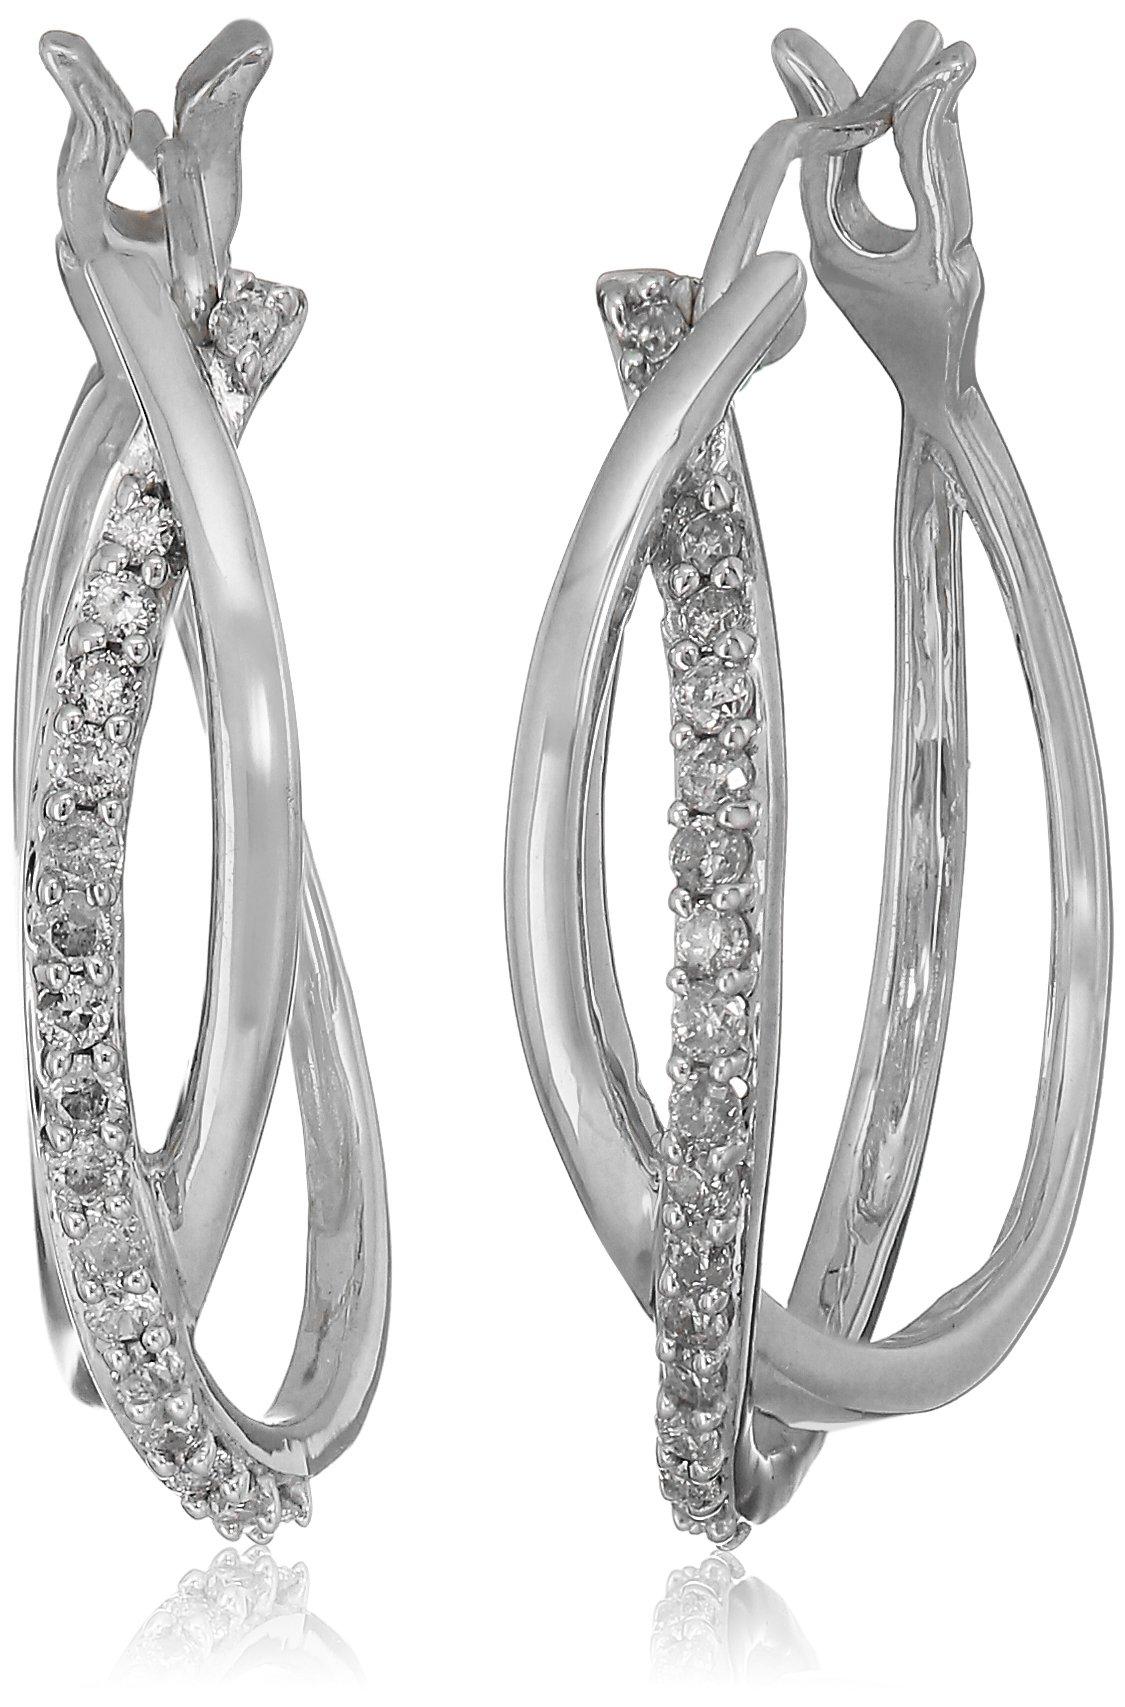 10k White Gold Diamond Hoop Earrings (1/4 cttw)